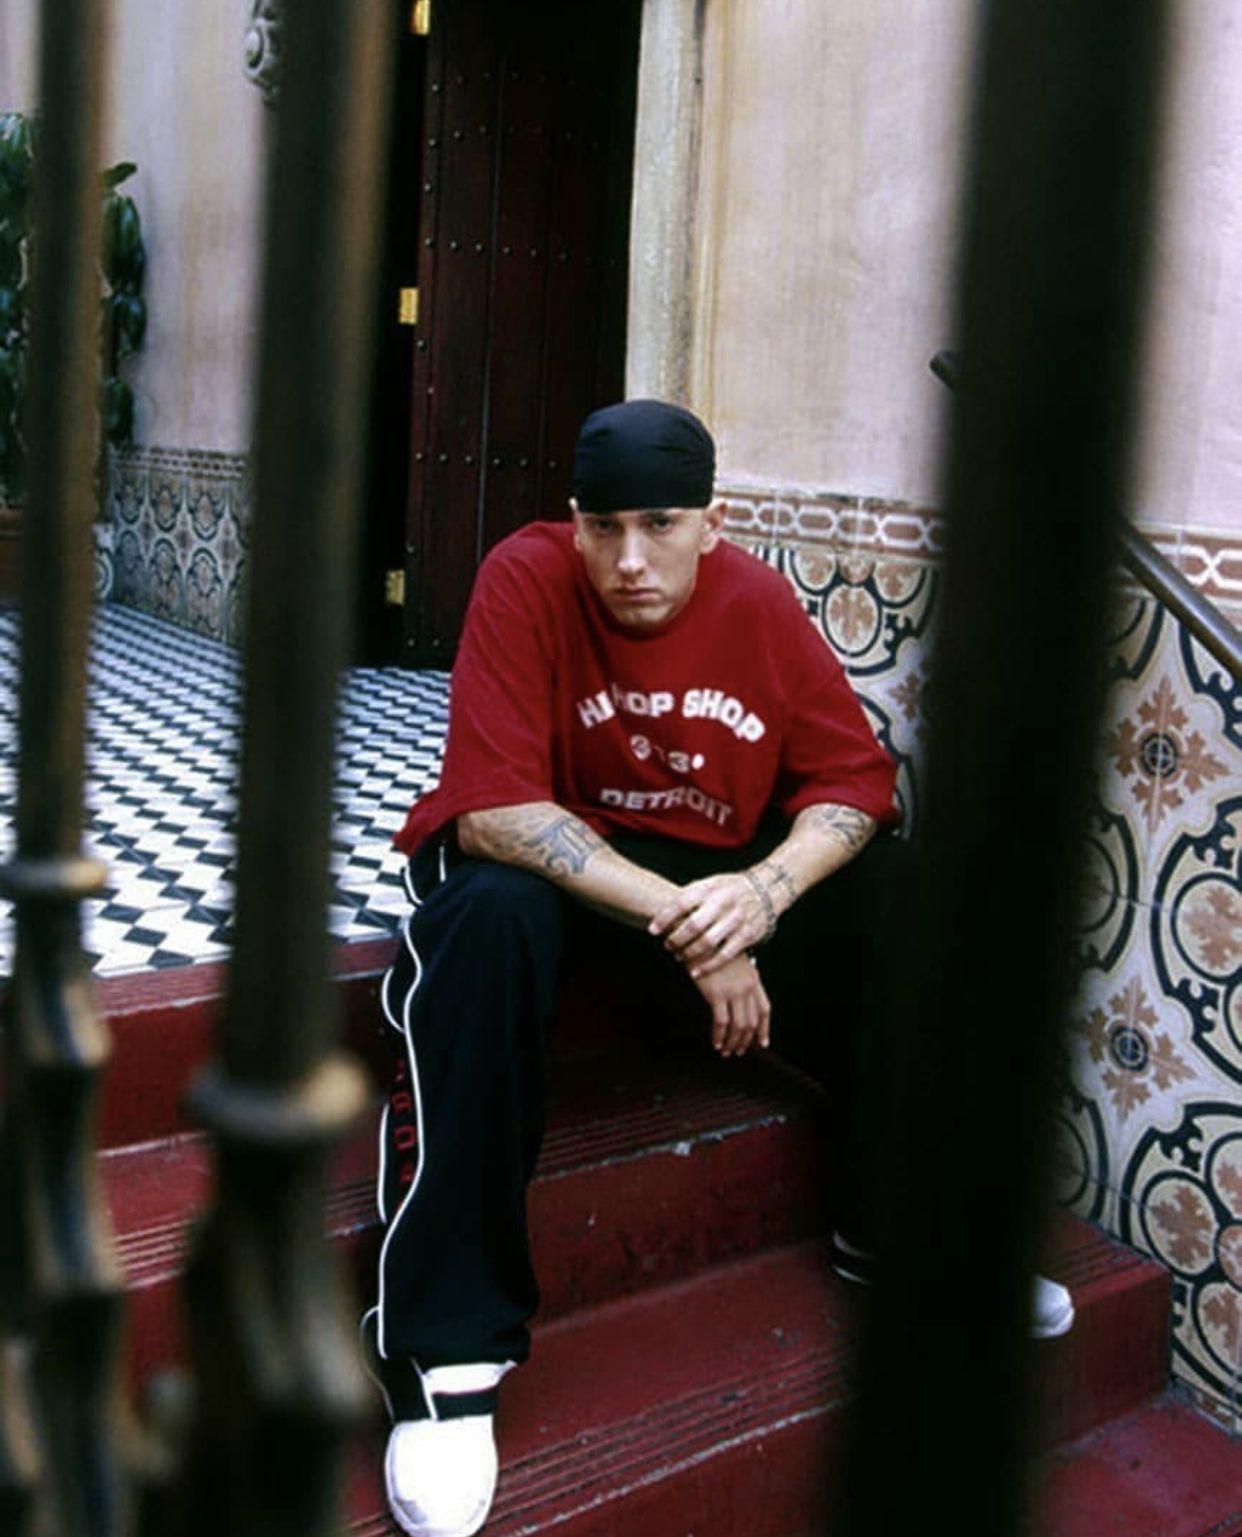 Eminem Trailer Park Celebrity : eminem, trailer, celebrity, Santiago, Eminem, Eminem,, Shady,, Marshall, Mathers